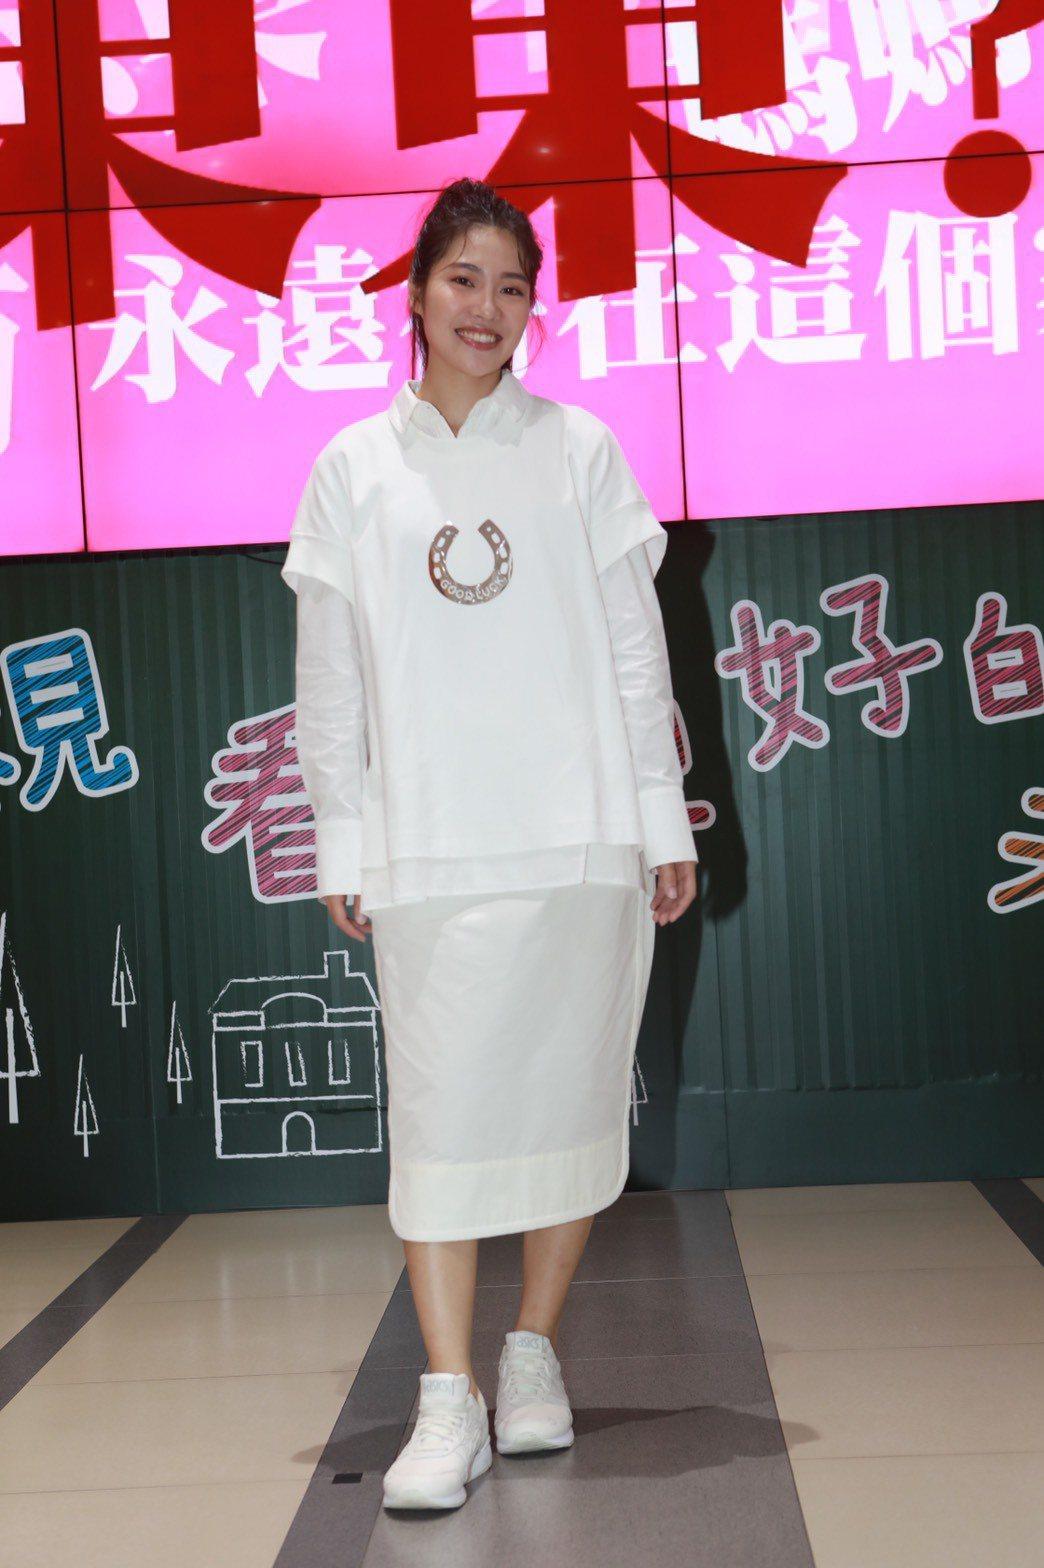 梁湘華「糖糖Online」中再度飾演越南新住民。圖/公視提供